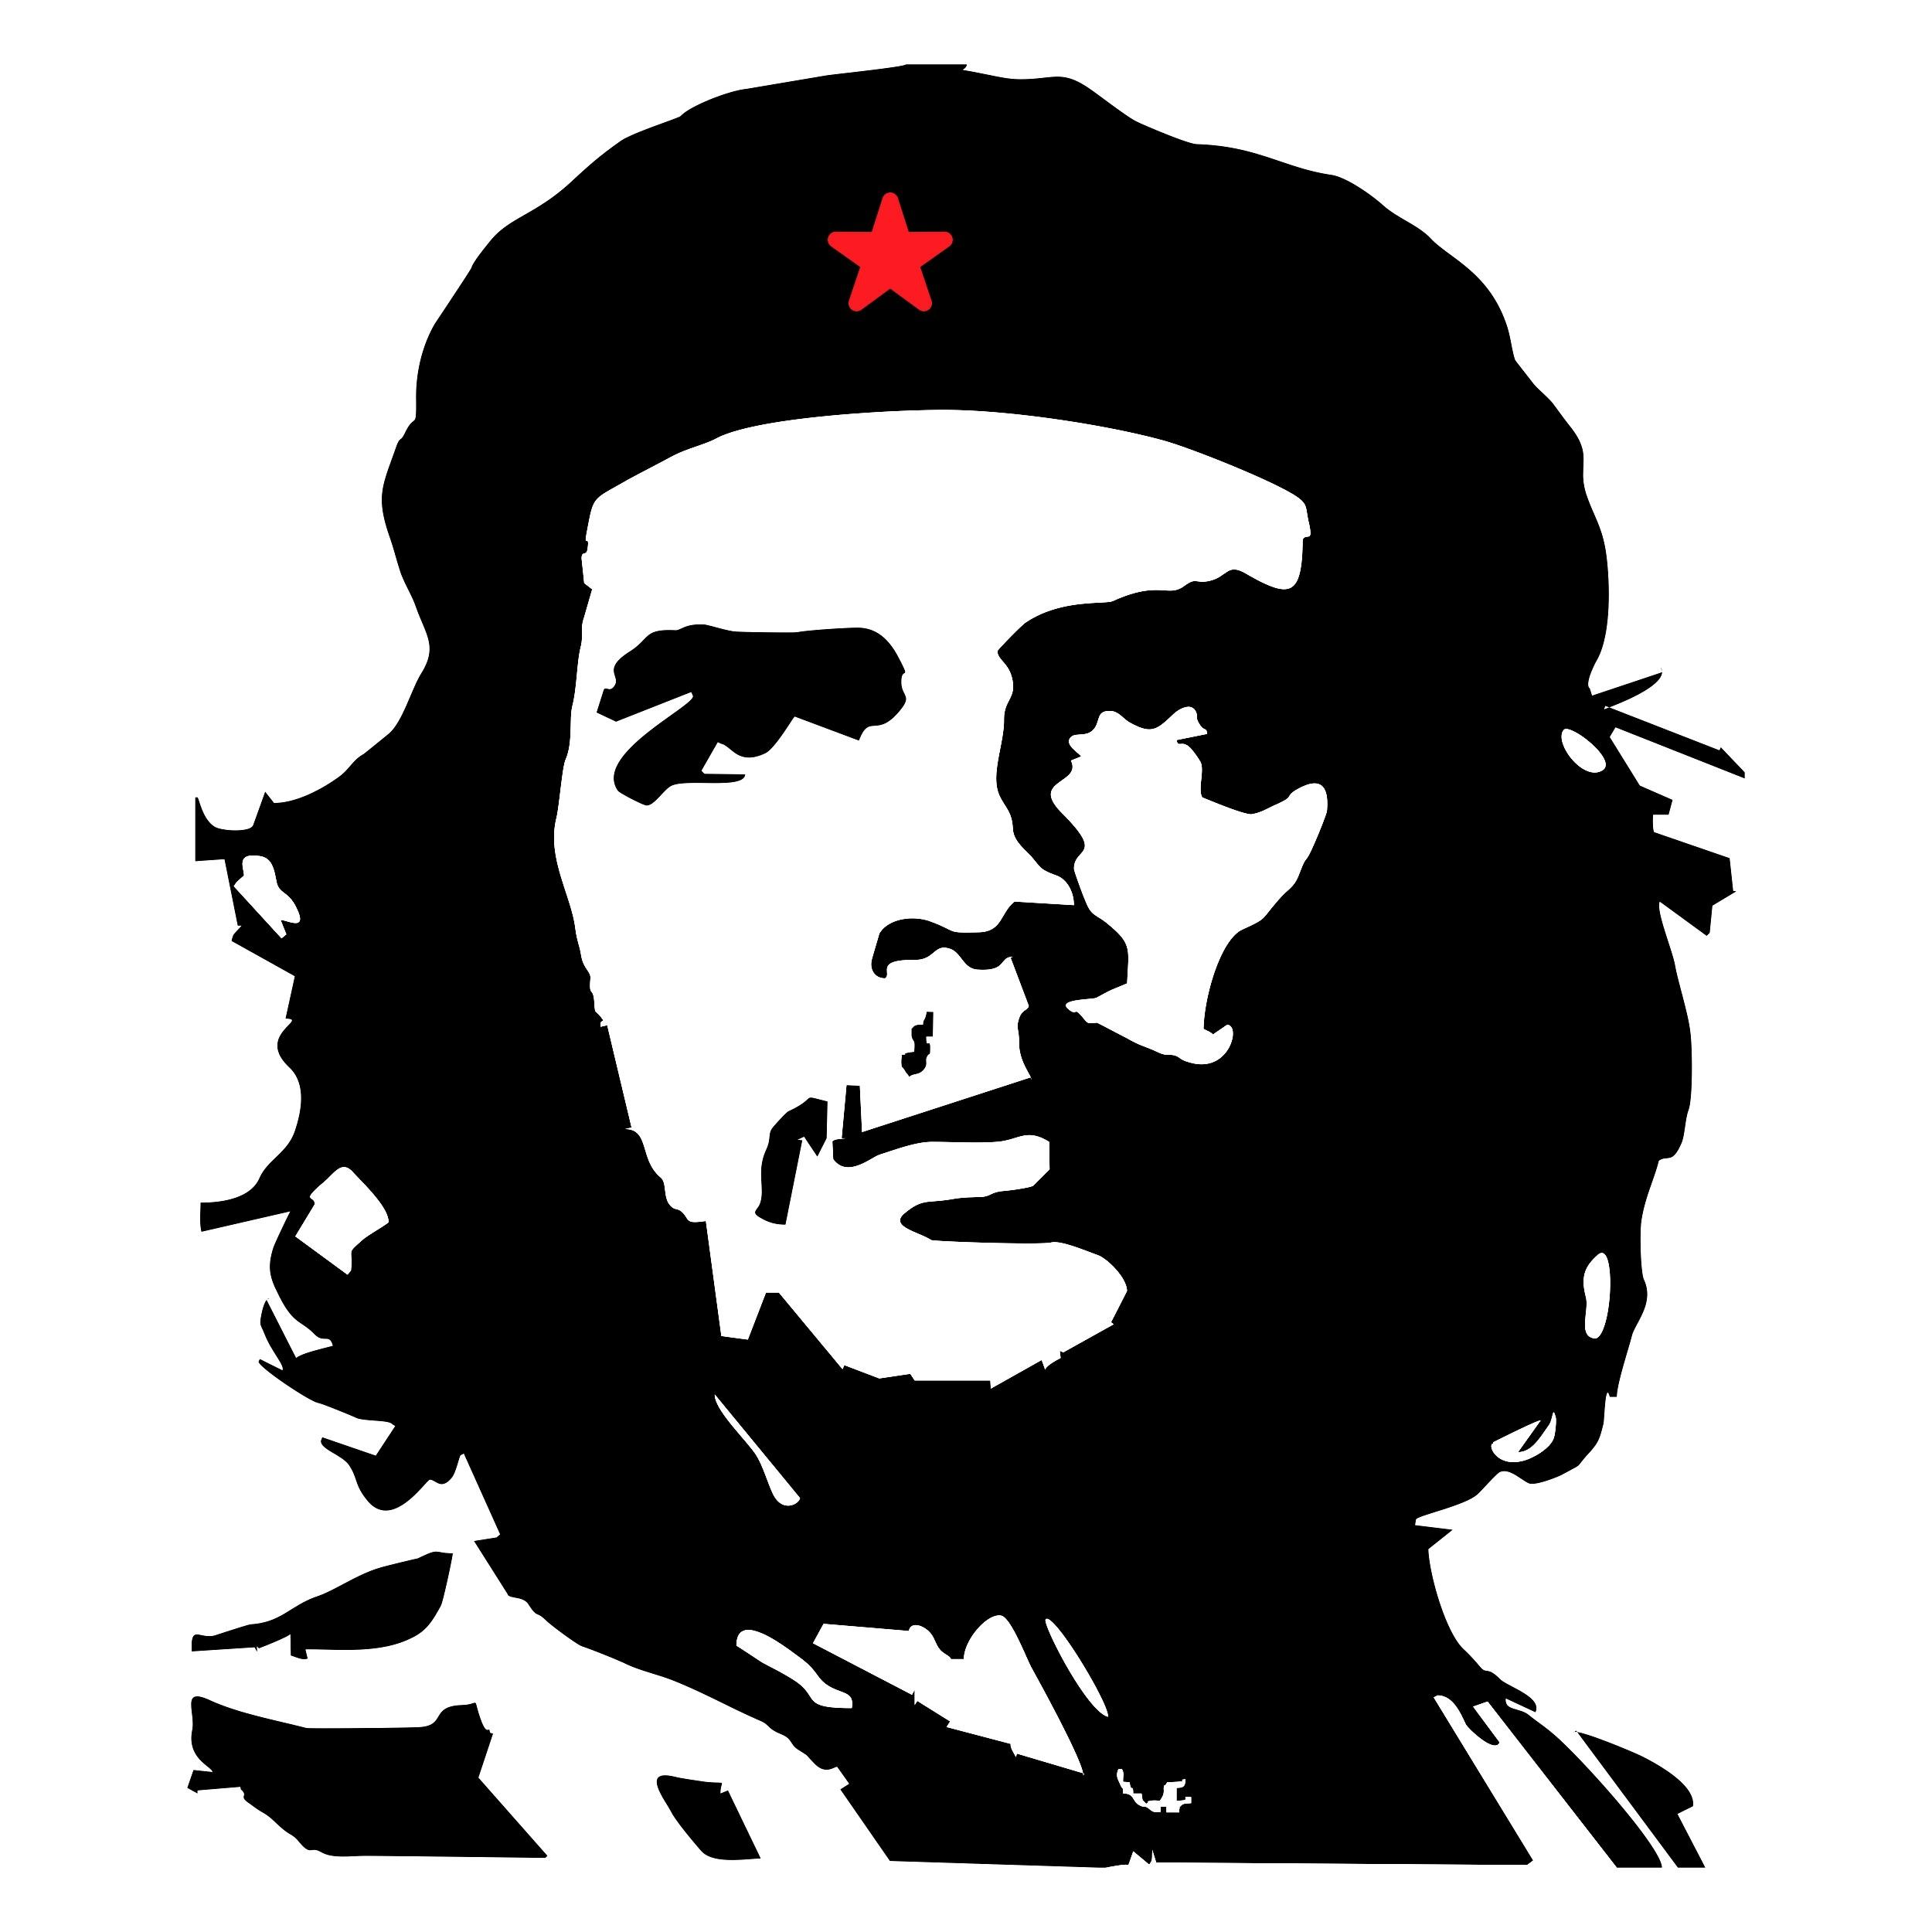 Adhesivo Che Guevara contorno 135 x 110 mm